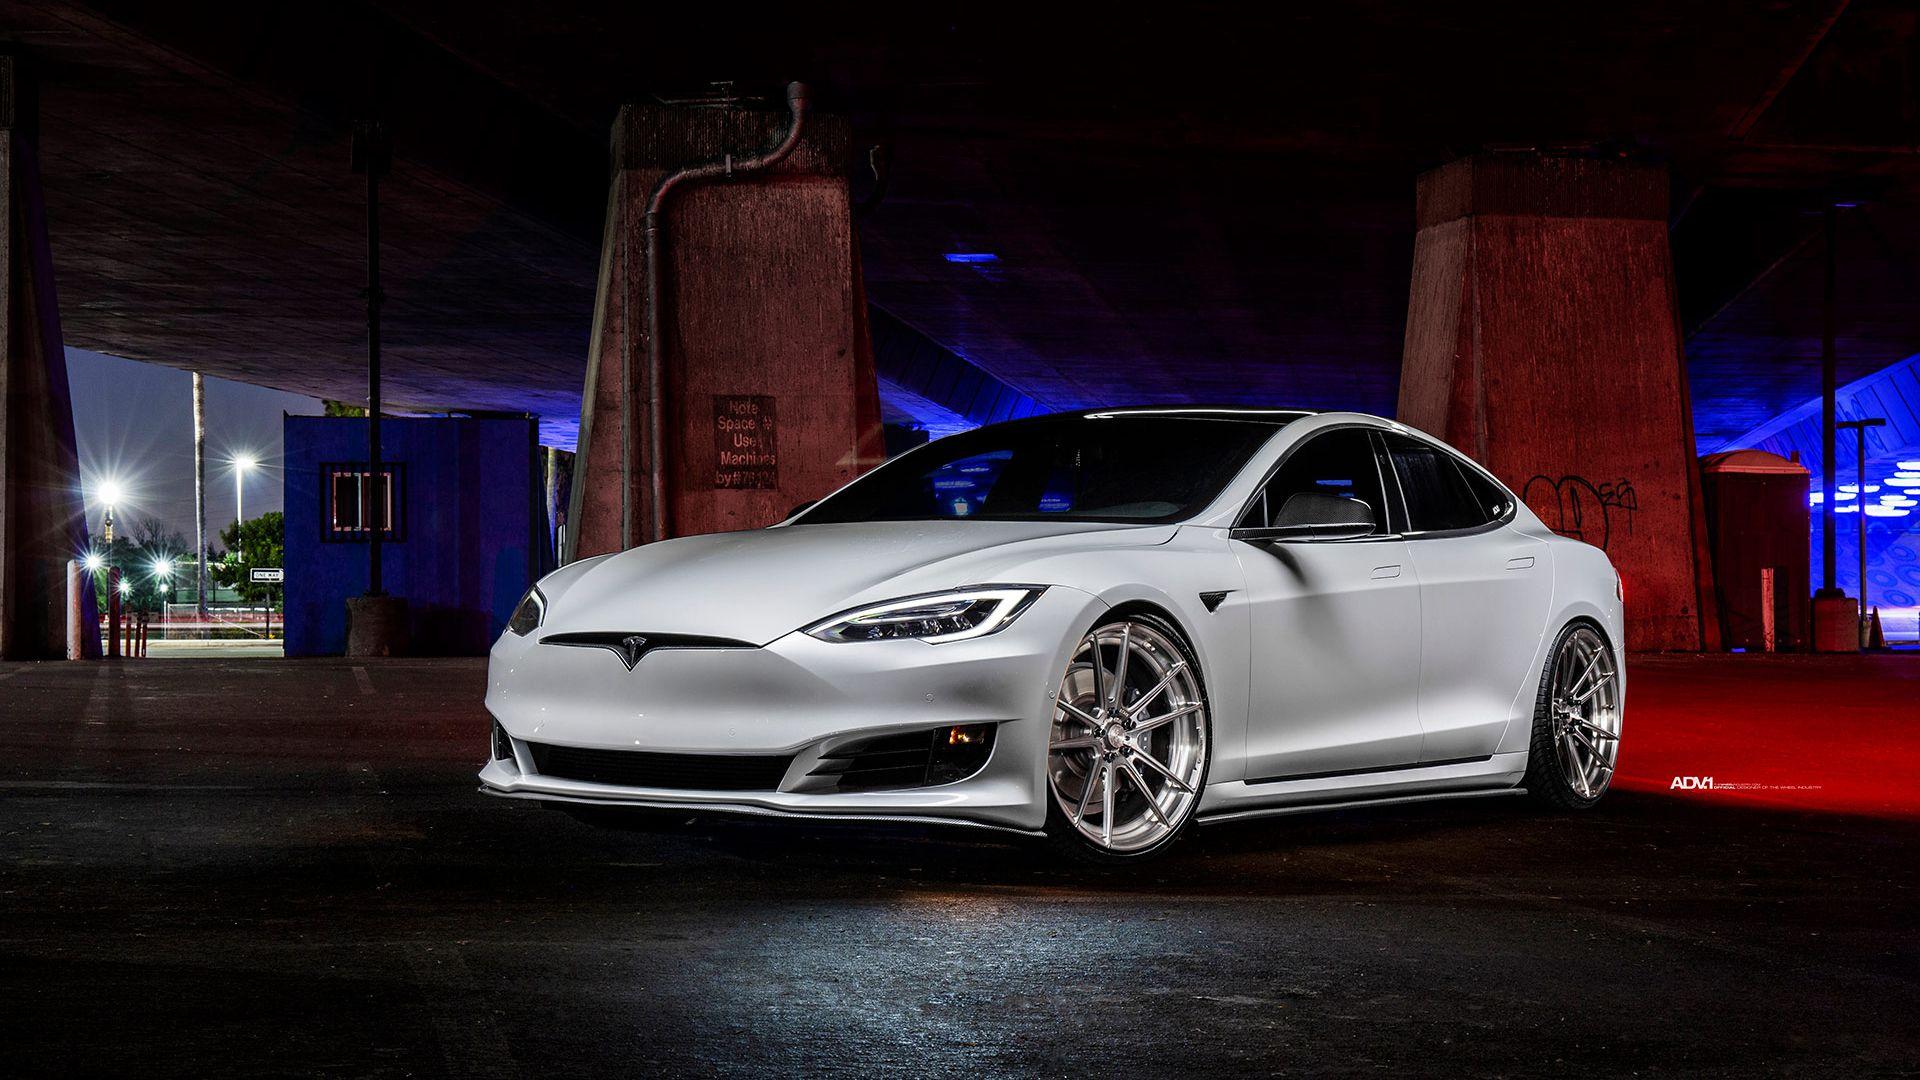 Tesla Model S White Tesla Model S Tesla Model S White Tesla